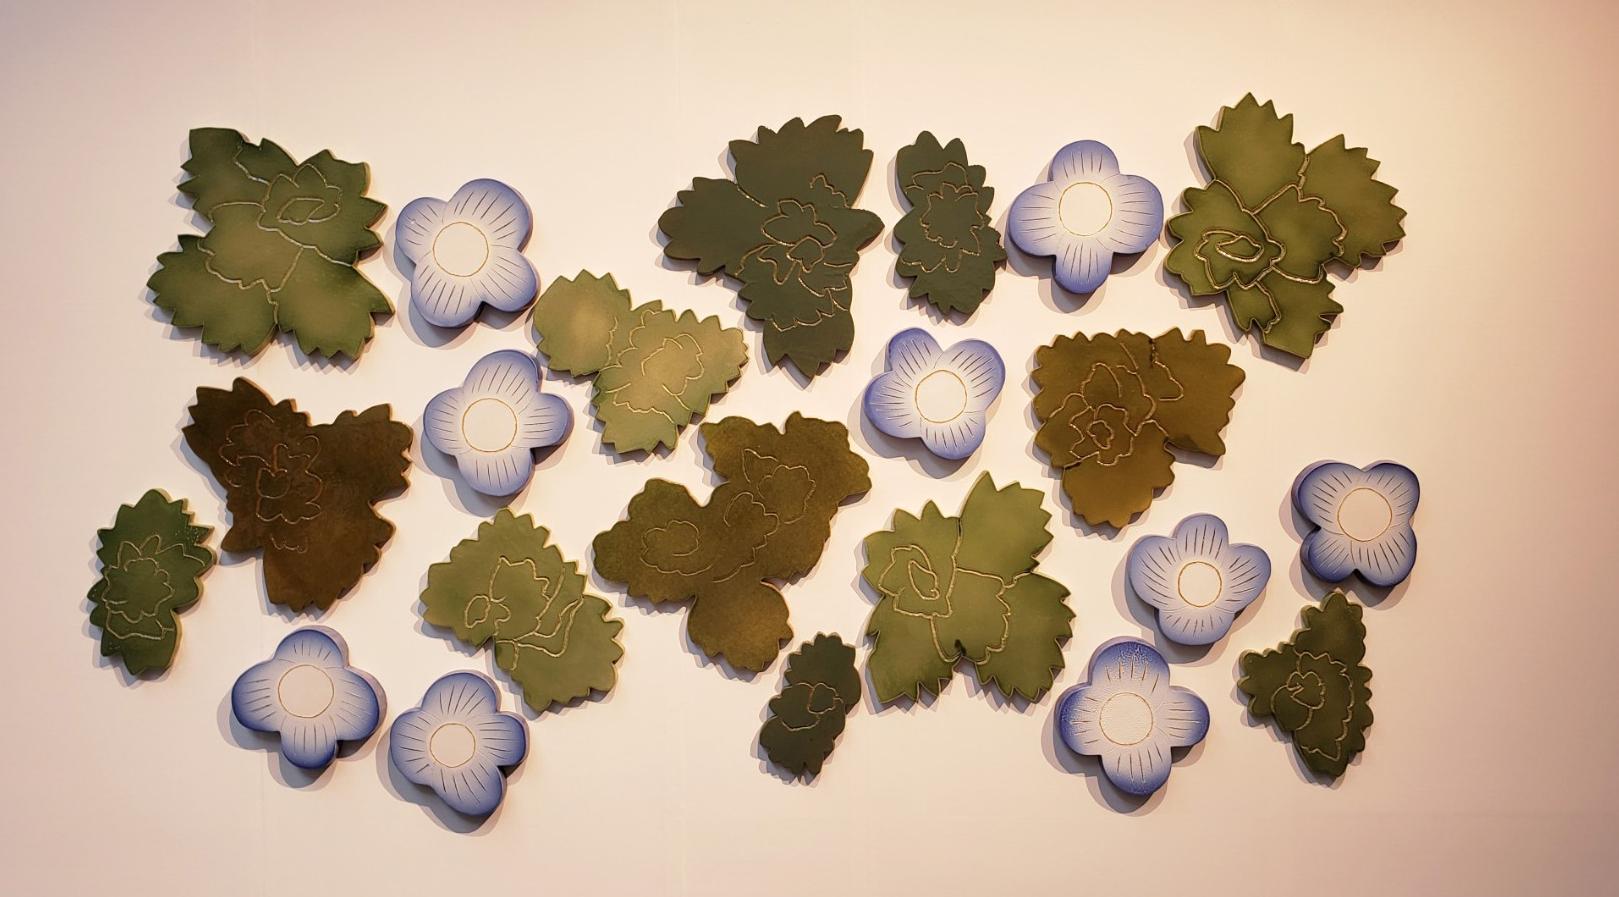 壁面に飾られたブルーの花色がやさしい《オオイヌノフグリ》のレリーフ